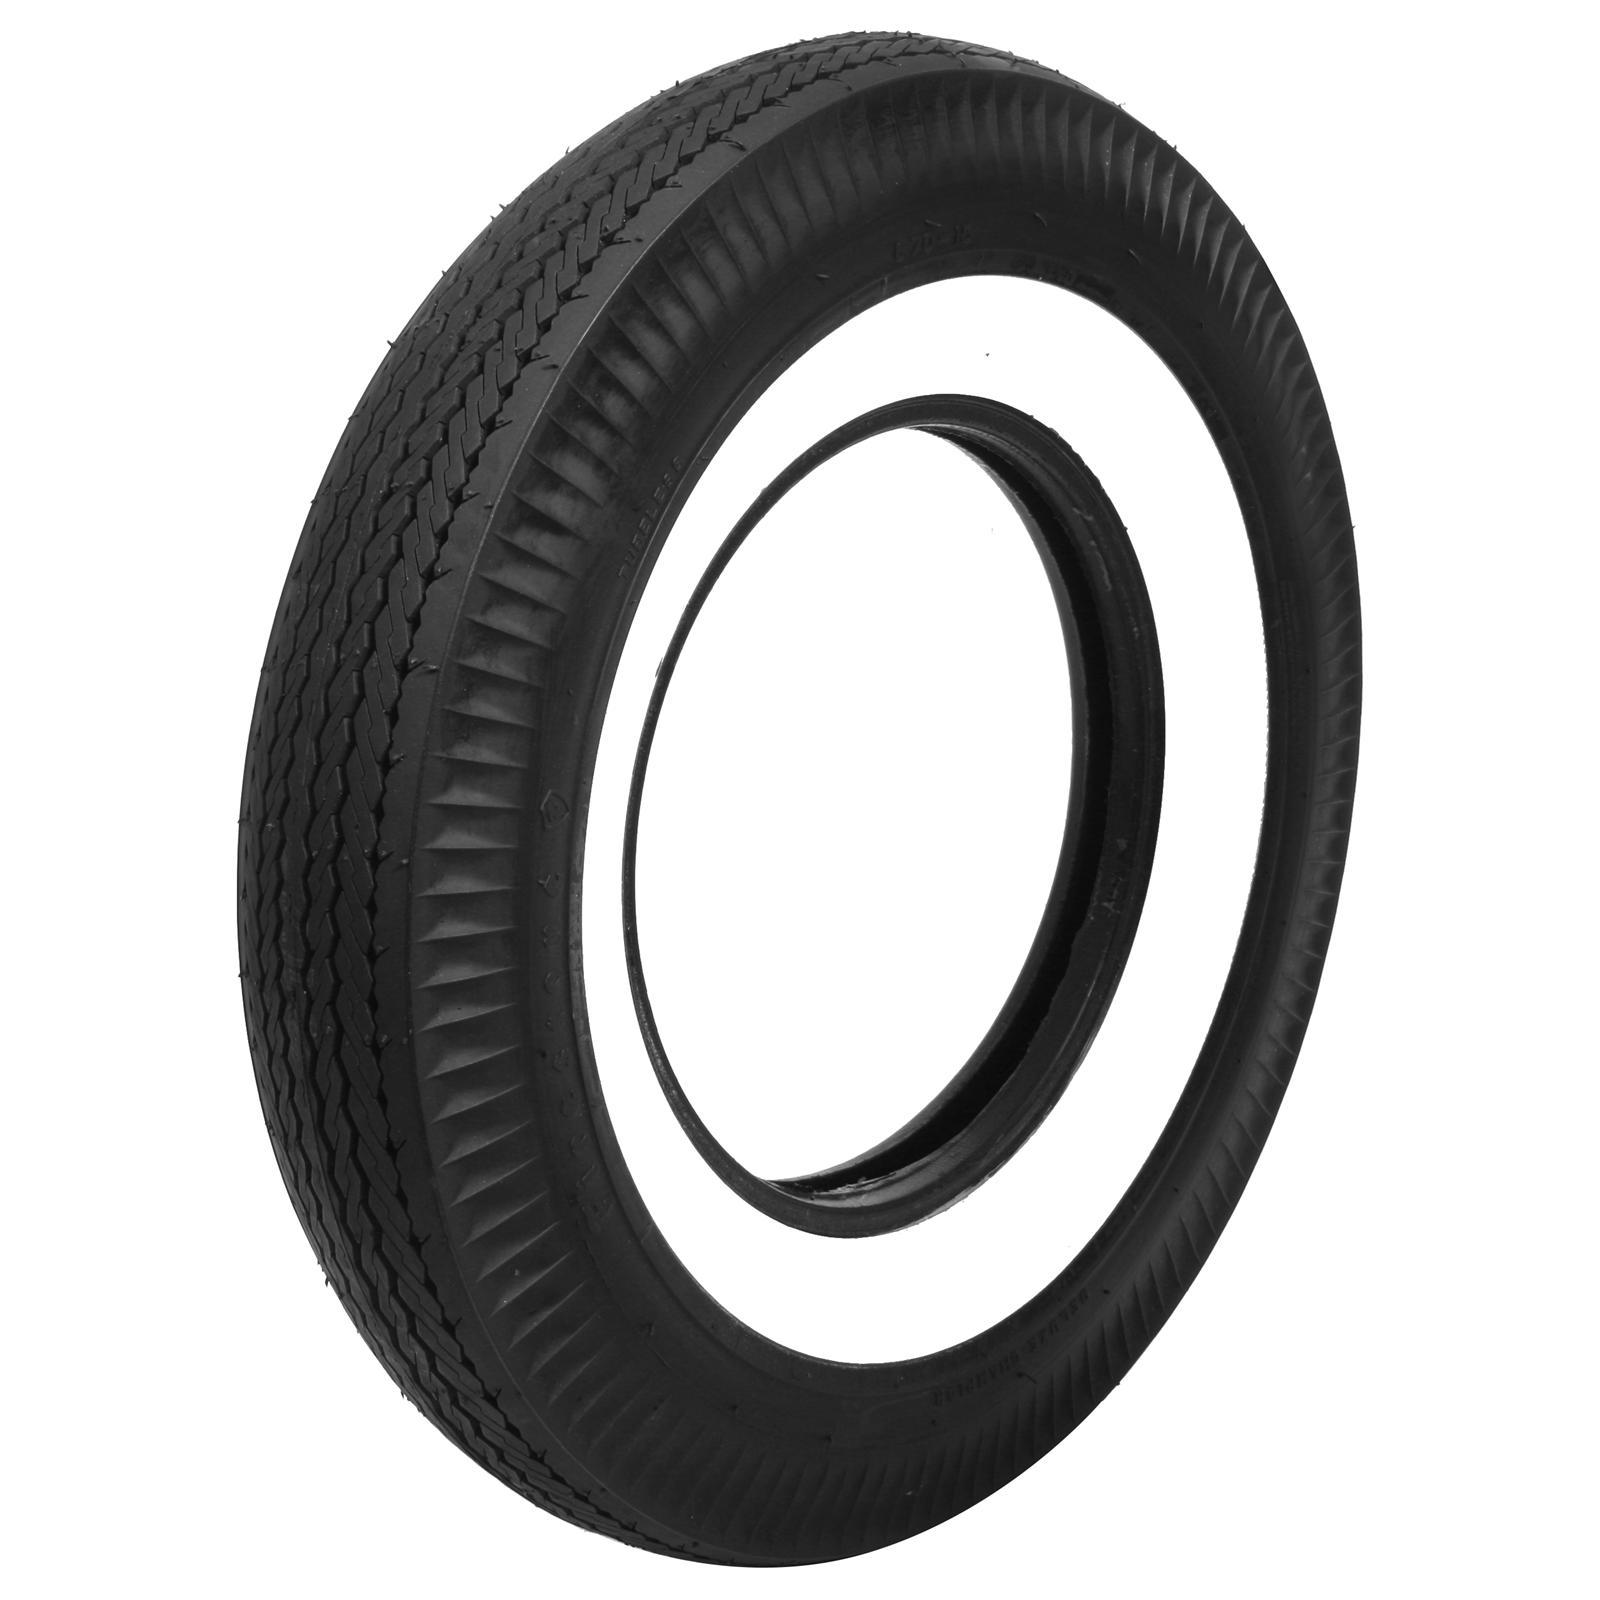 Shop firestone tires on Shoppinder